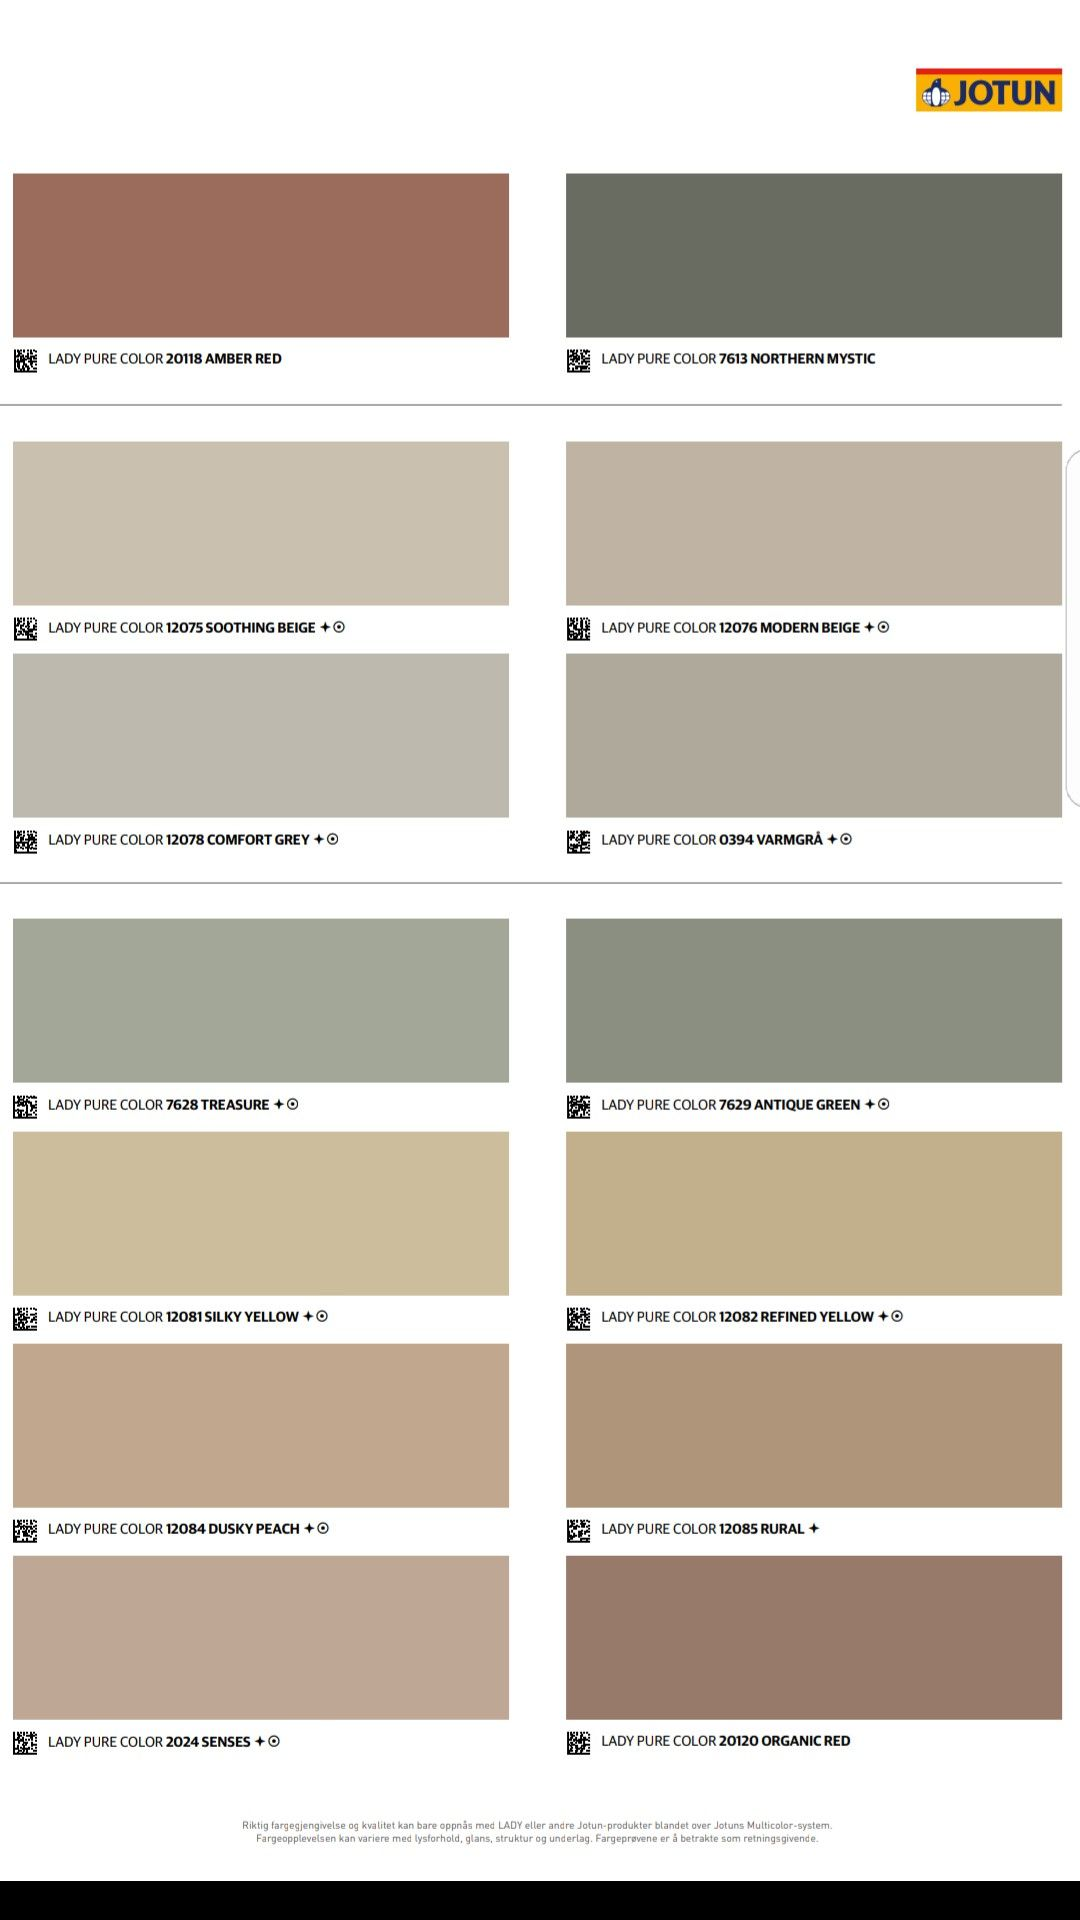 Jotun fargekart 2020. En hyllest til fargene! Nytt fargekart fra LADY 2019-12-31